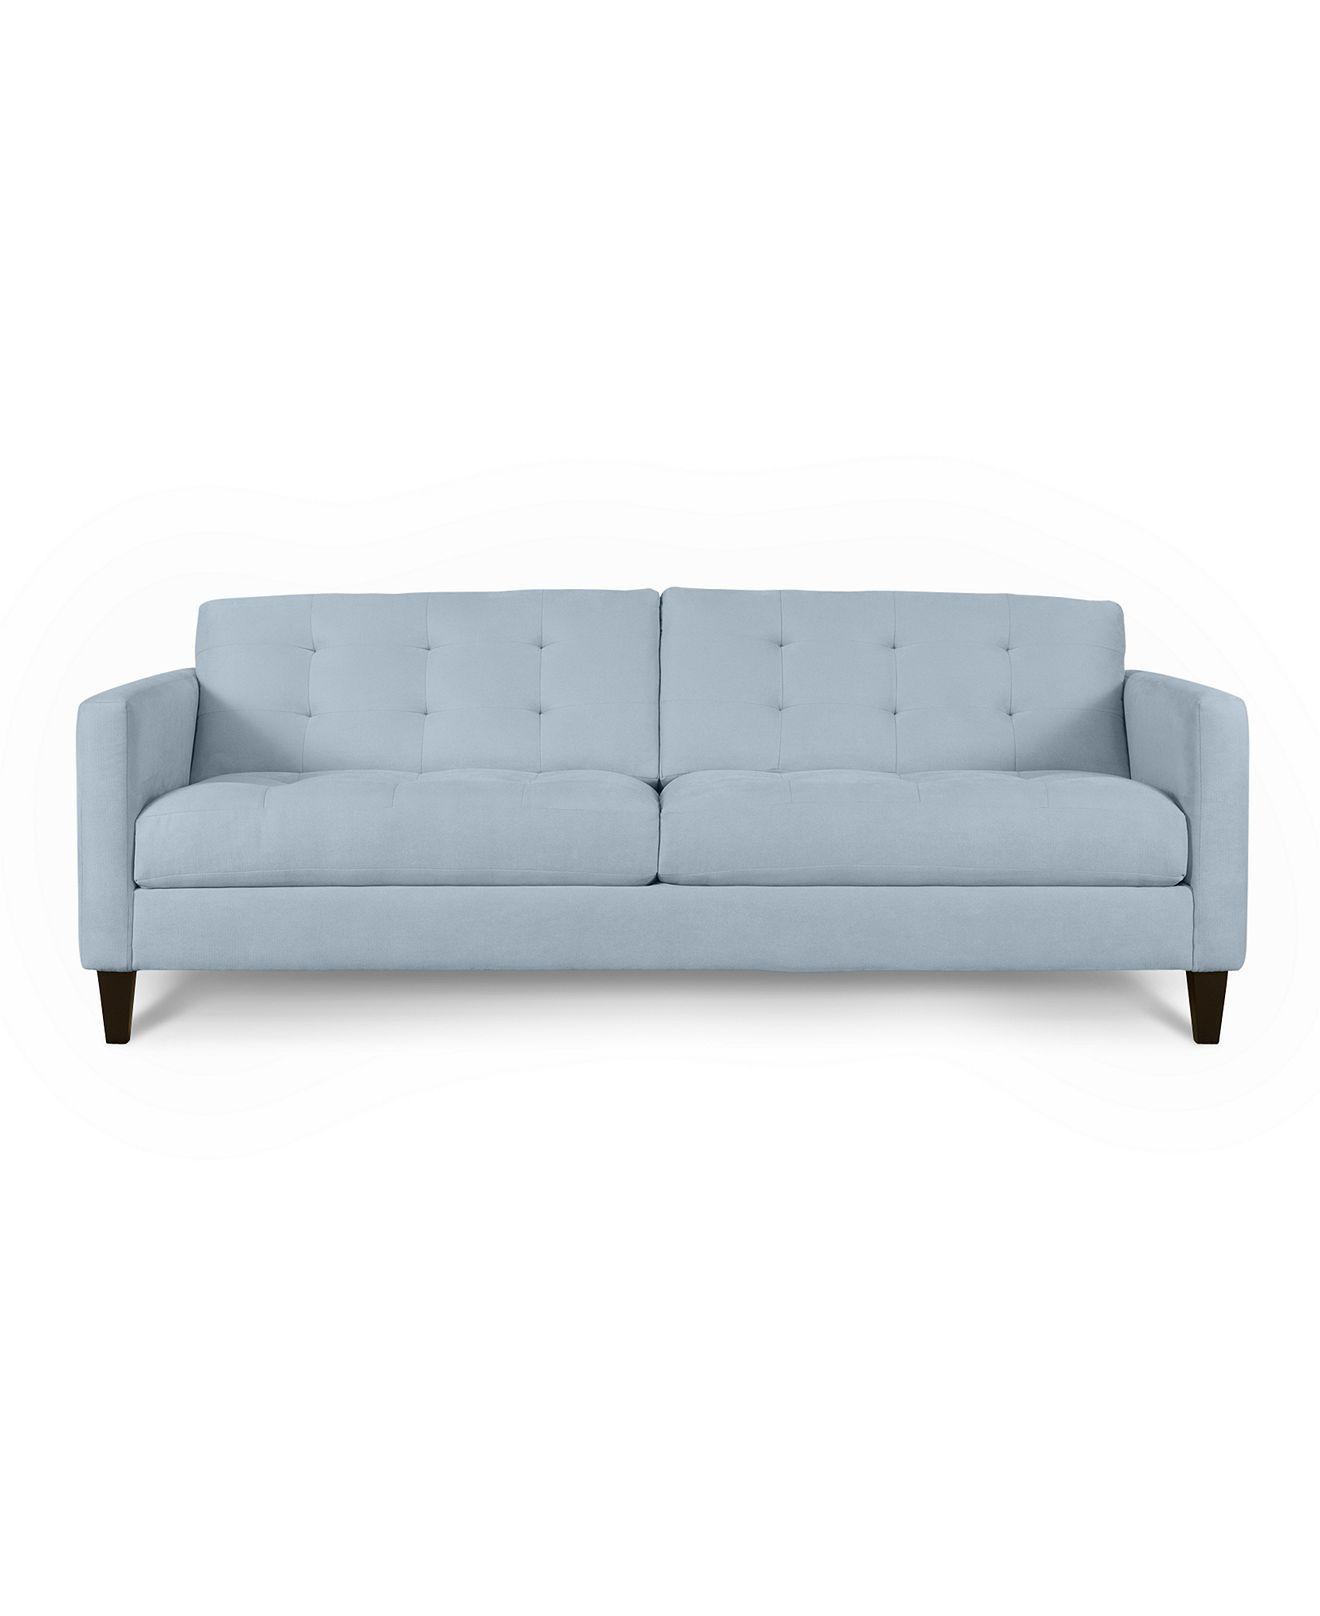 Tremendous Classic Light Blue Couch For Living Room Loft Via Macys Machost Co Dining Chair Design Ideas Machostcouk